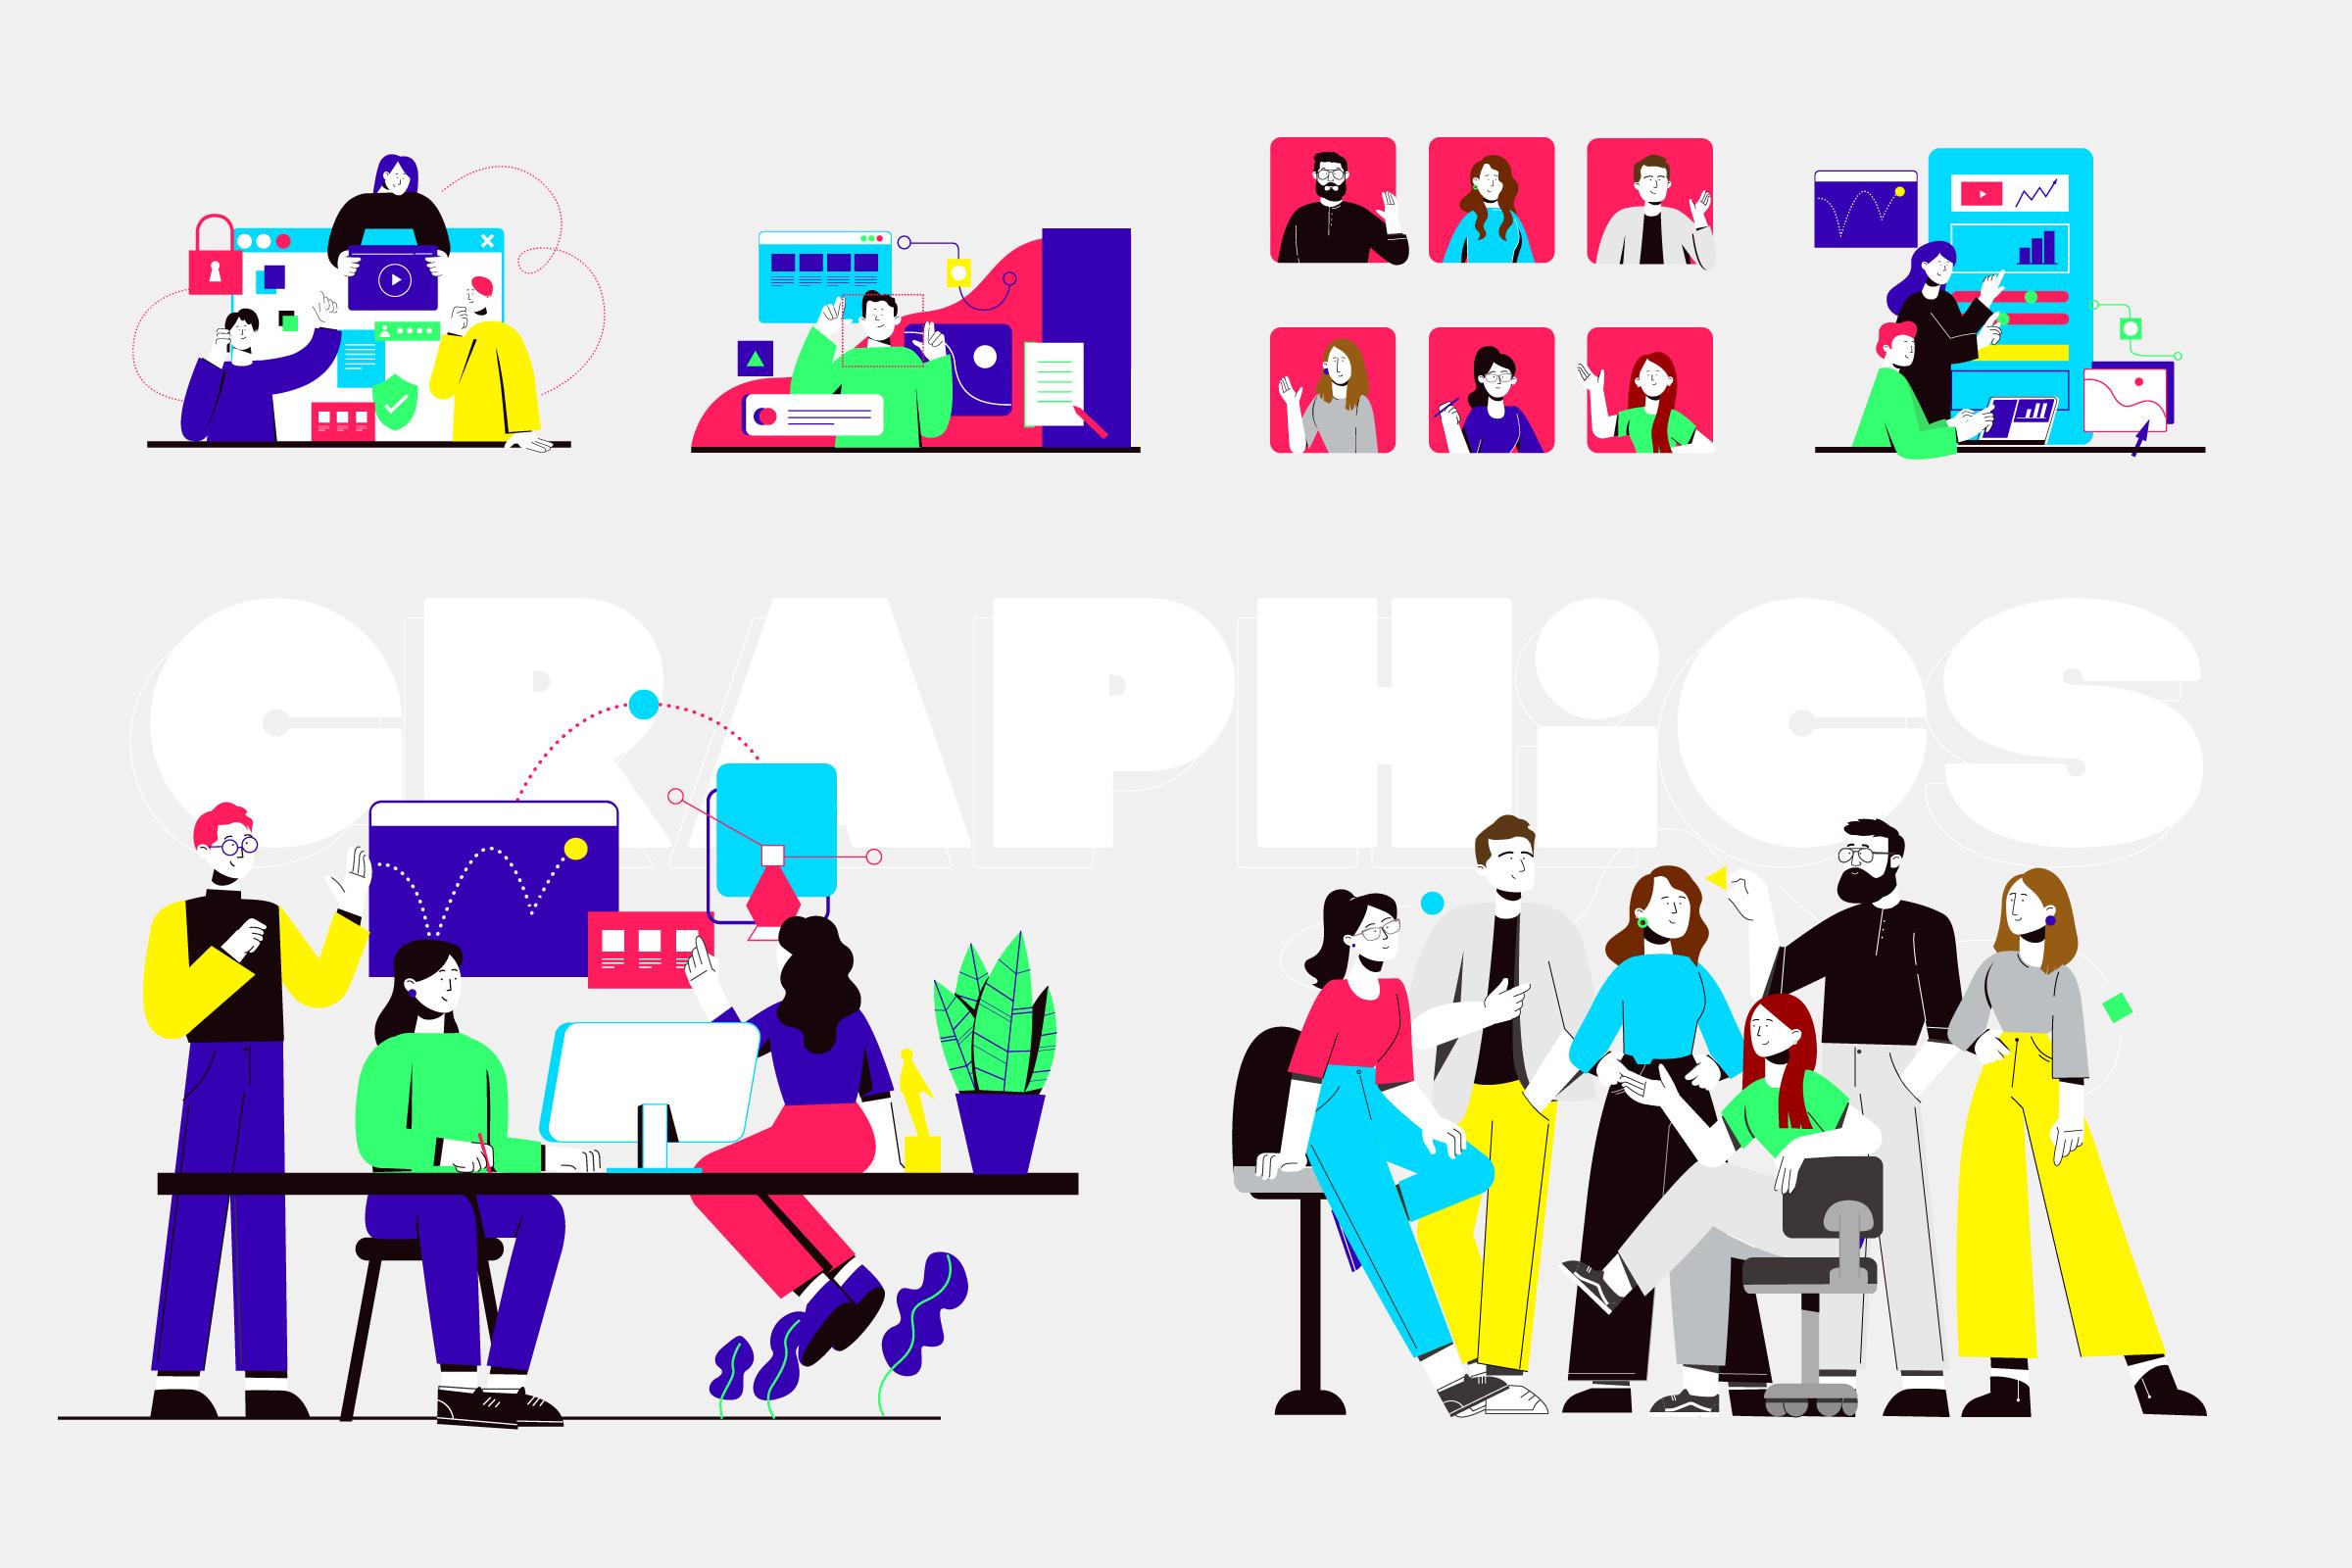 diseño, cali, branding, brands, marca, marcas, emprendimiento, emprender, empresas, comunicación, diseño gráfico, colombia, usa, branders, logotipos, logos, isologos, logo